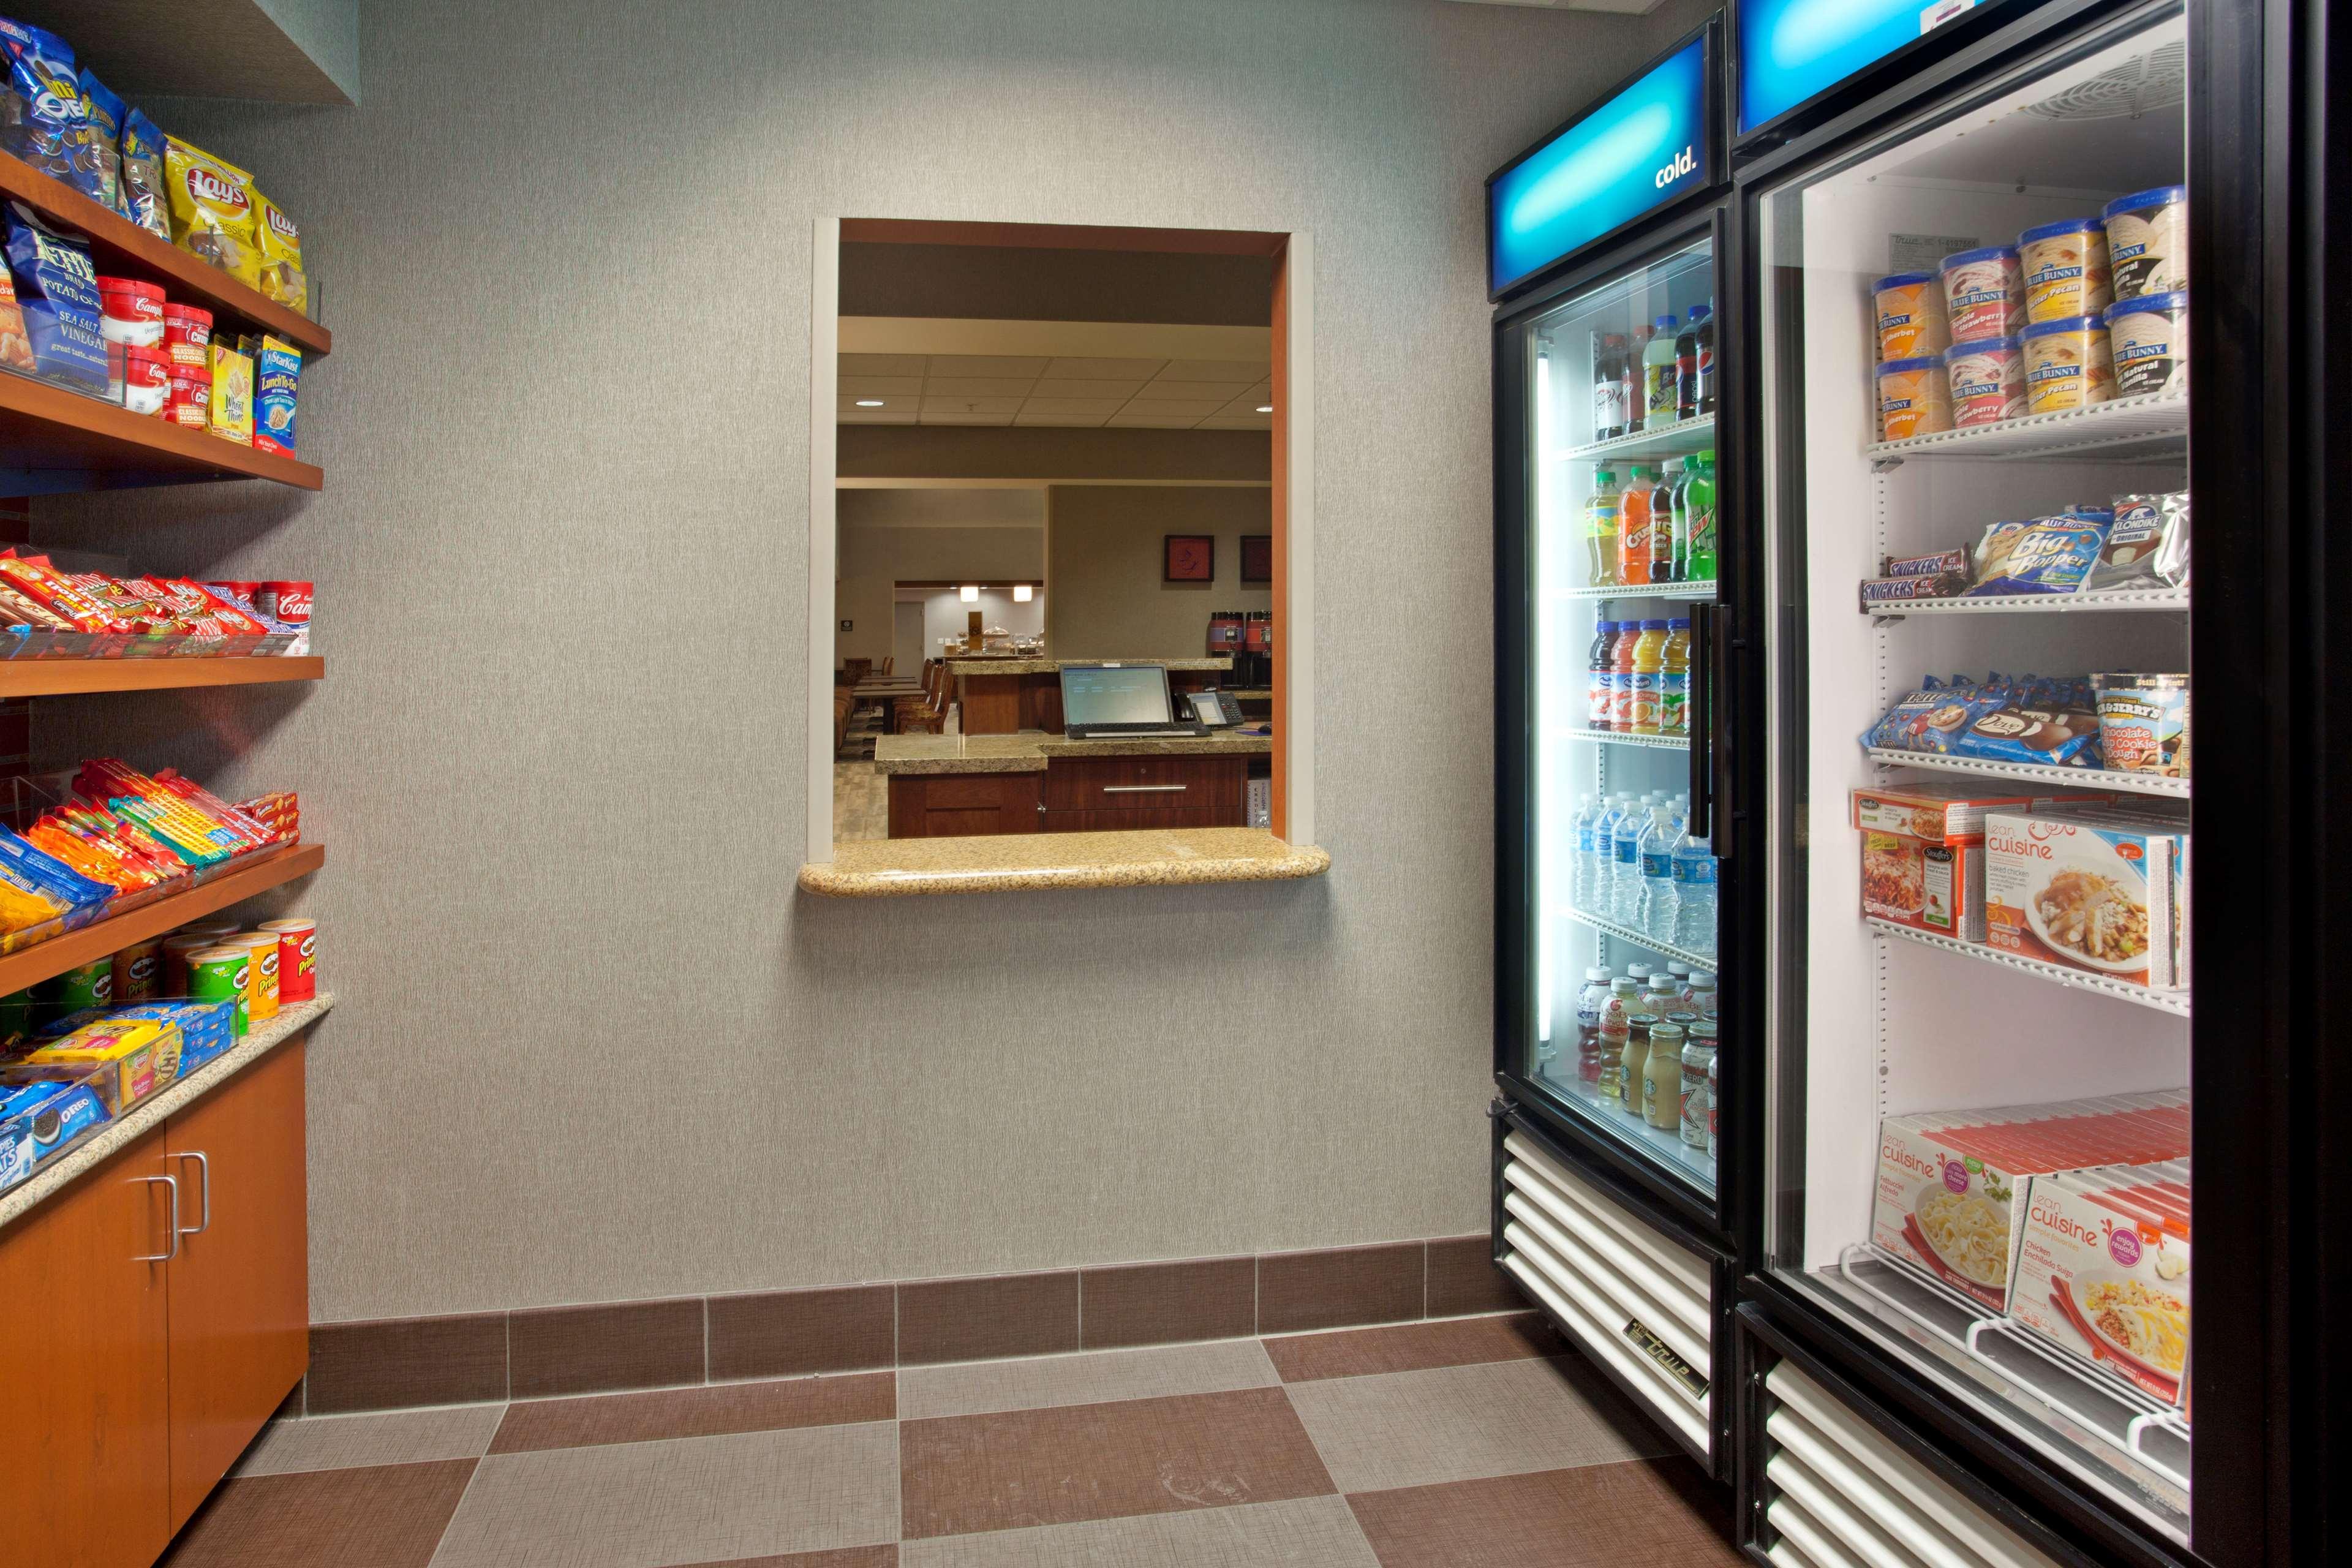 Hampton Inn Suites Minneapolis St Paul Arpt-Mall of America image 6